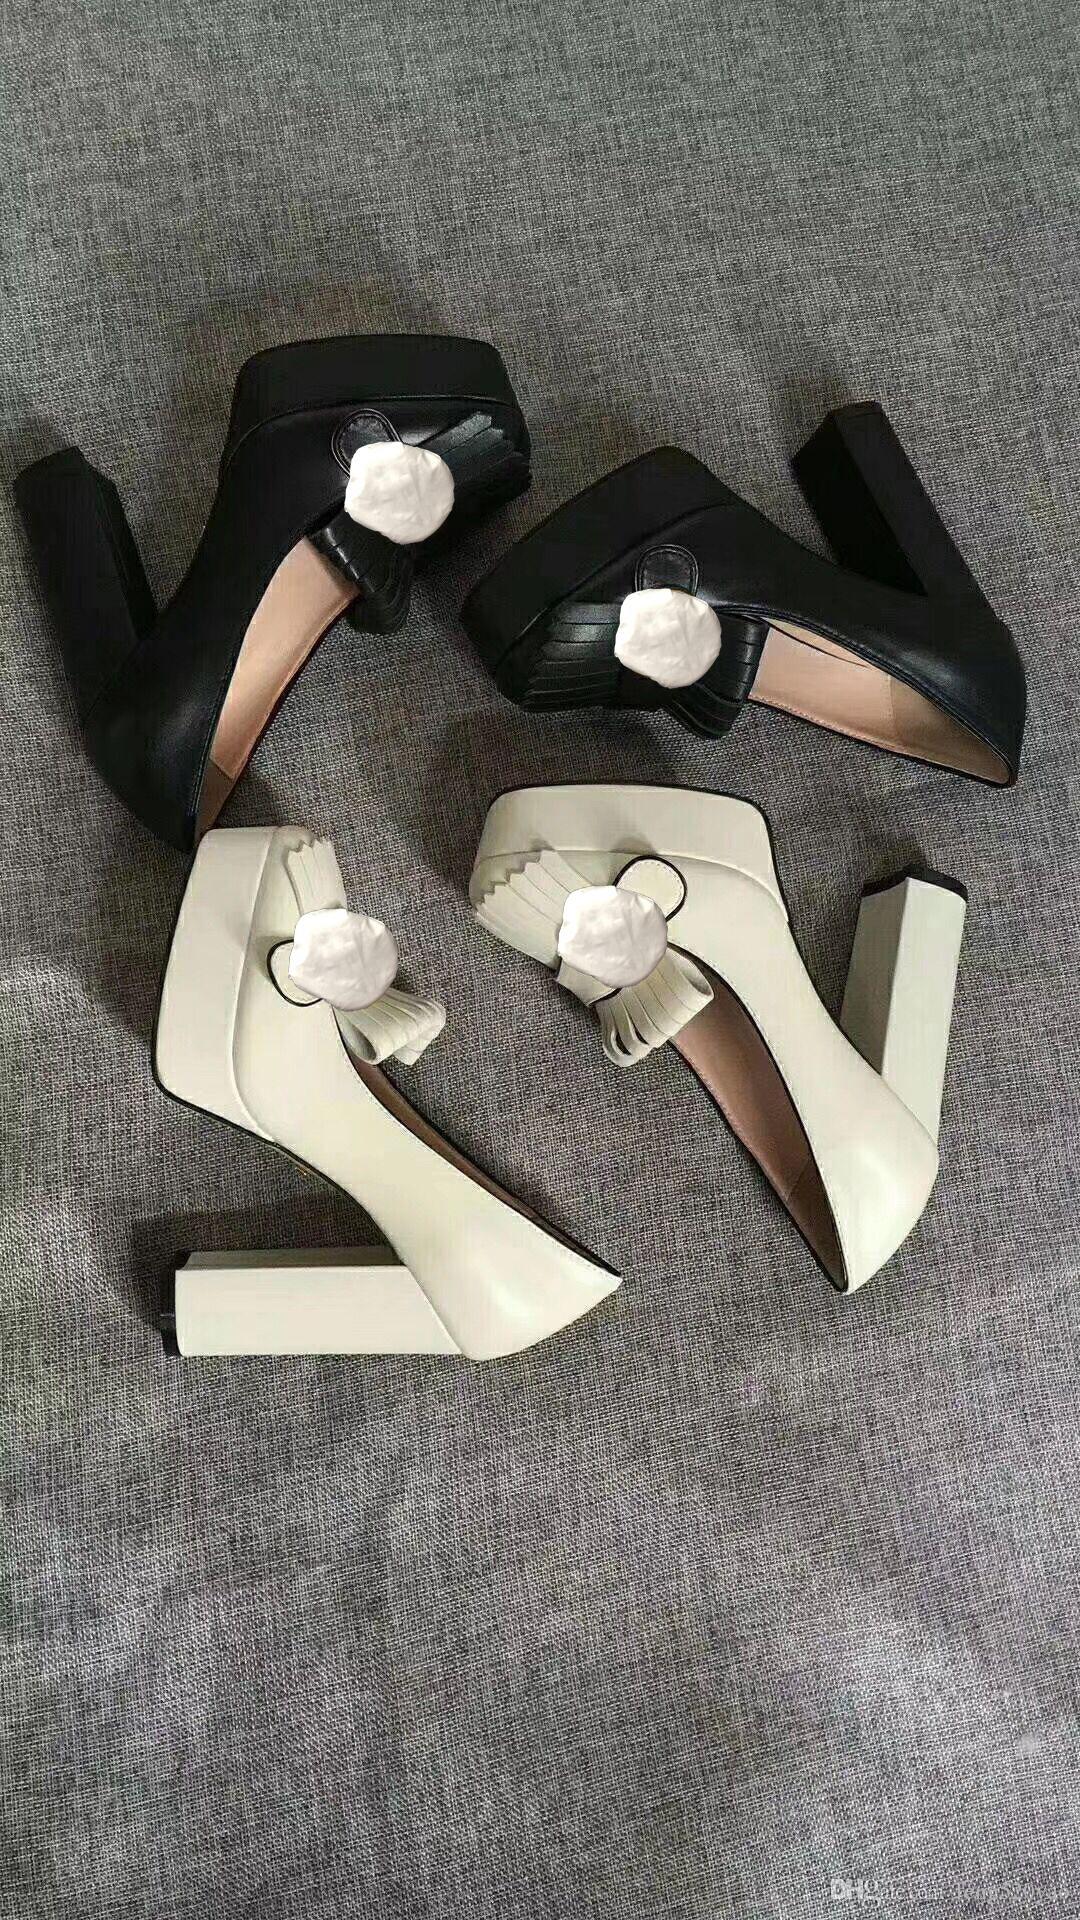 Classique designer peau de vache talons hauts Bar Sexy Banquet Princesse Chaussures de mariage super chaussures à talons hauts boucle en métal chaussures femme en cuir de luxe 41